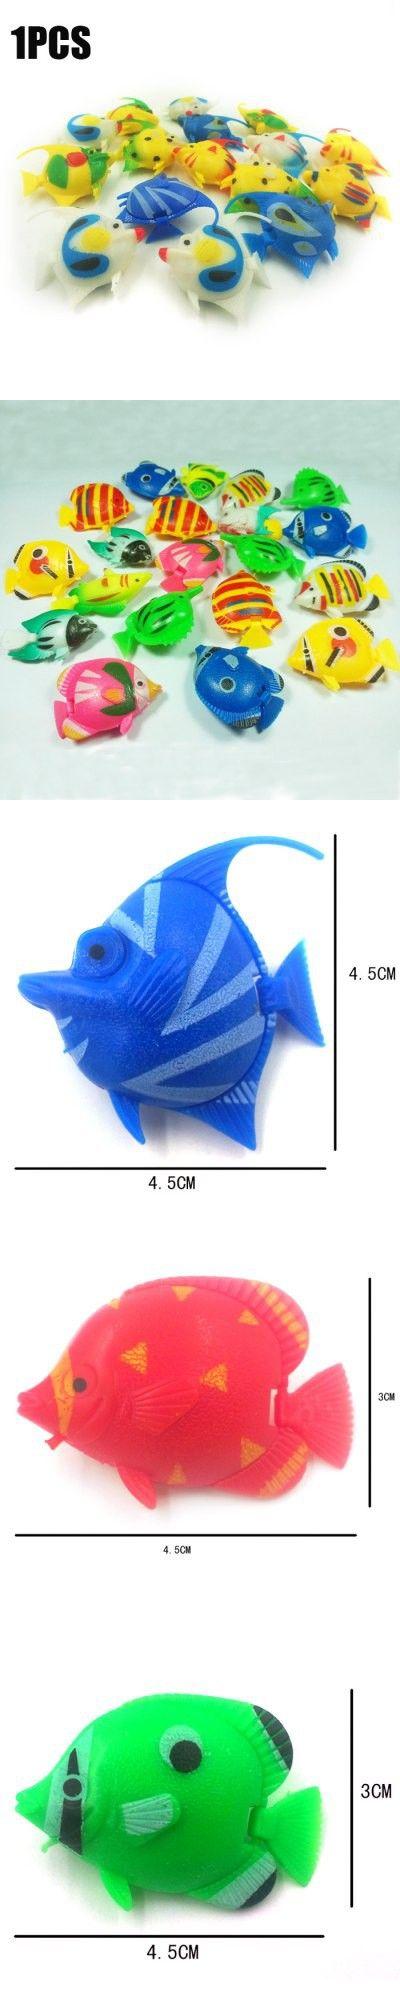 Artificial Plastic Fish Tank Aquarium Decoration